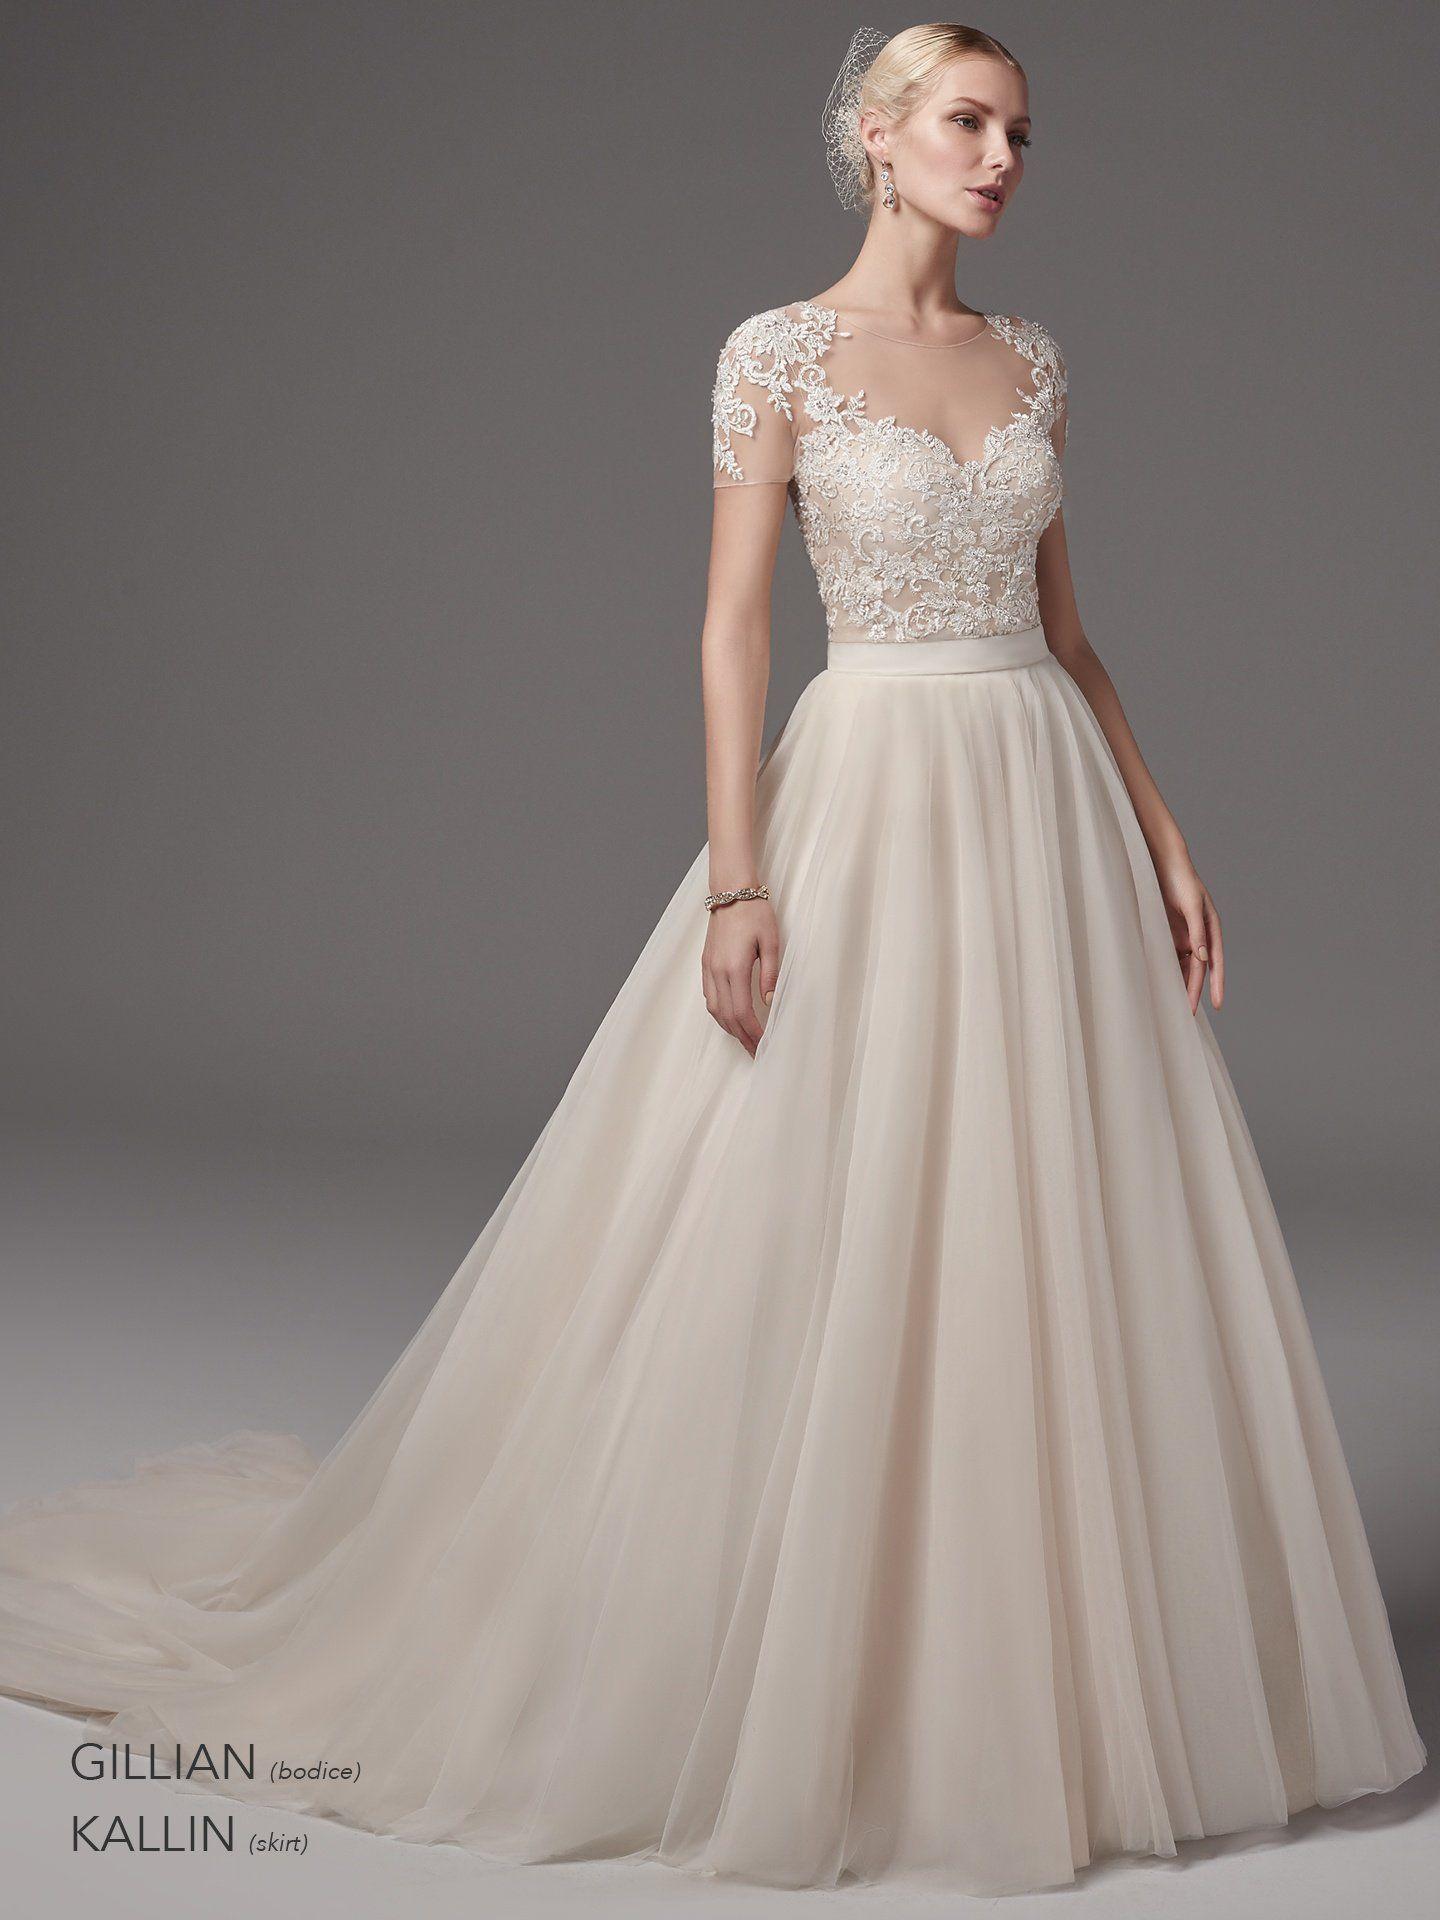 Maggie Sottero Wedding Dresses | Faldas, Trajes y Vestidos de boda